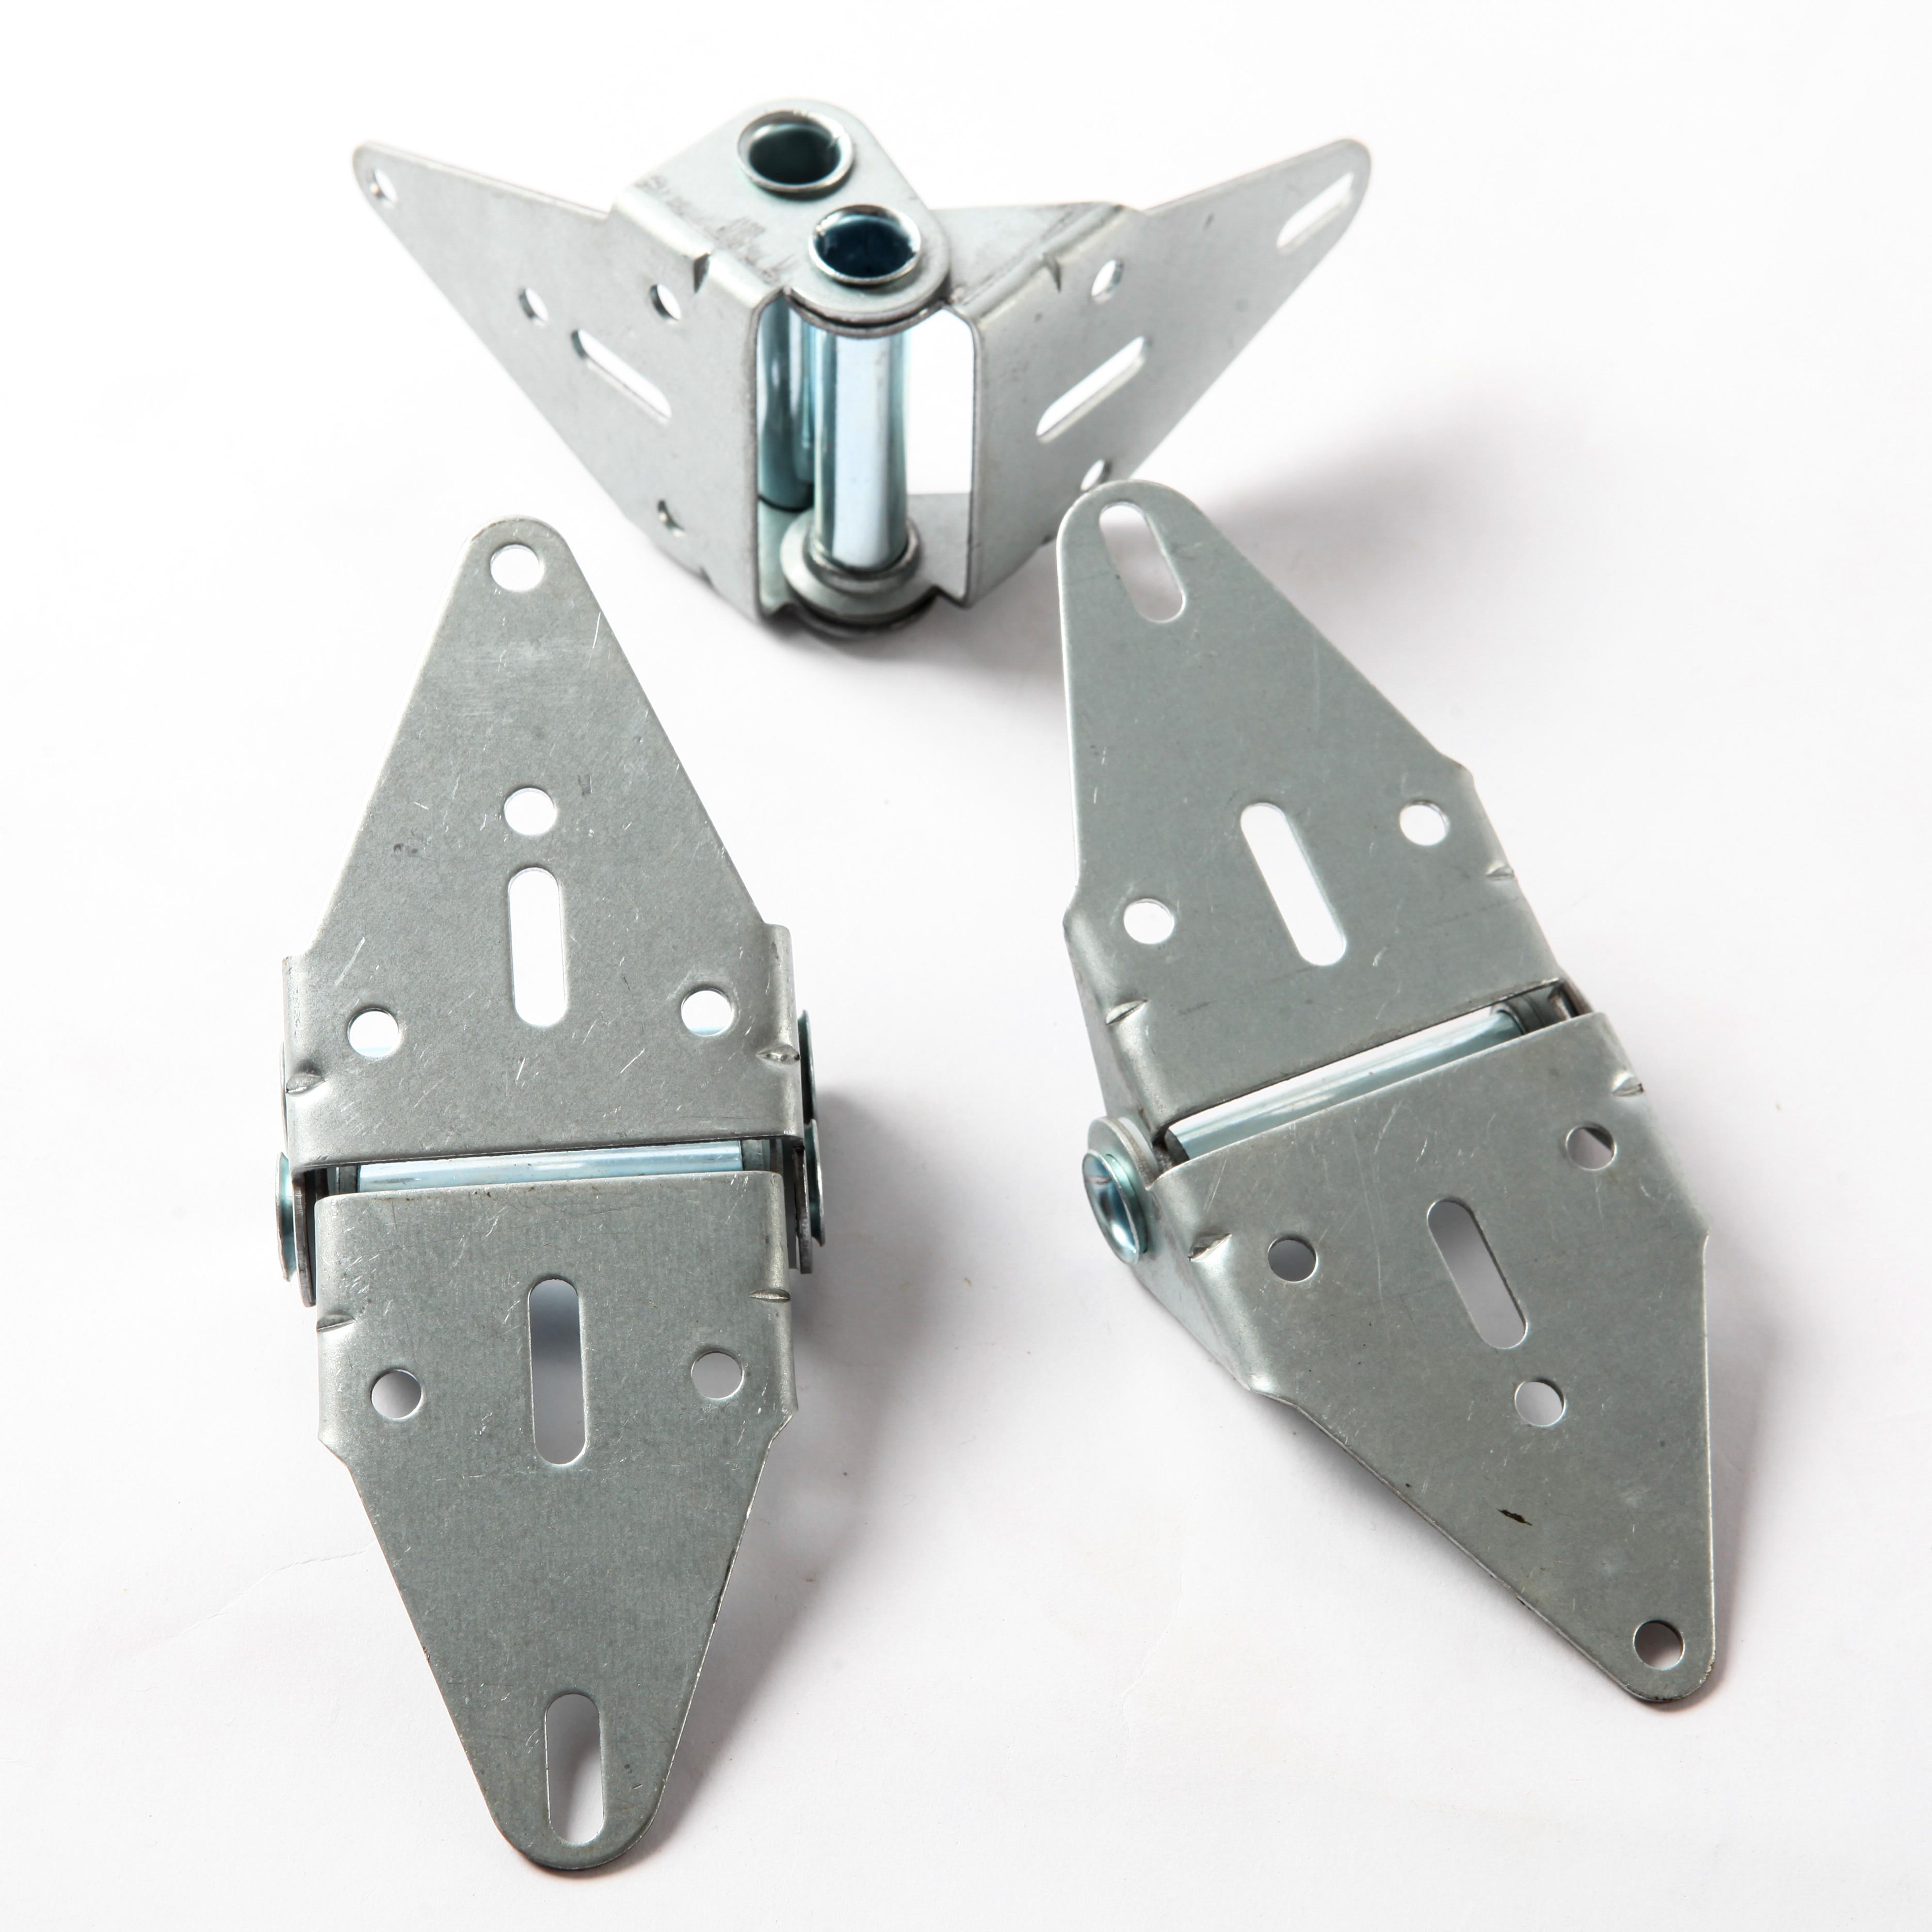 Placa de control remoto de la venta directa de la fábrica de puertas de garaje de bisagra entre 2 piezas (un segundo plato)